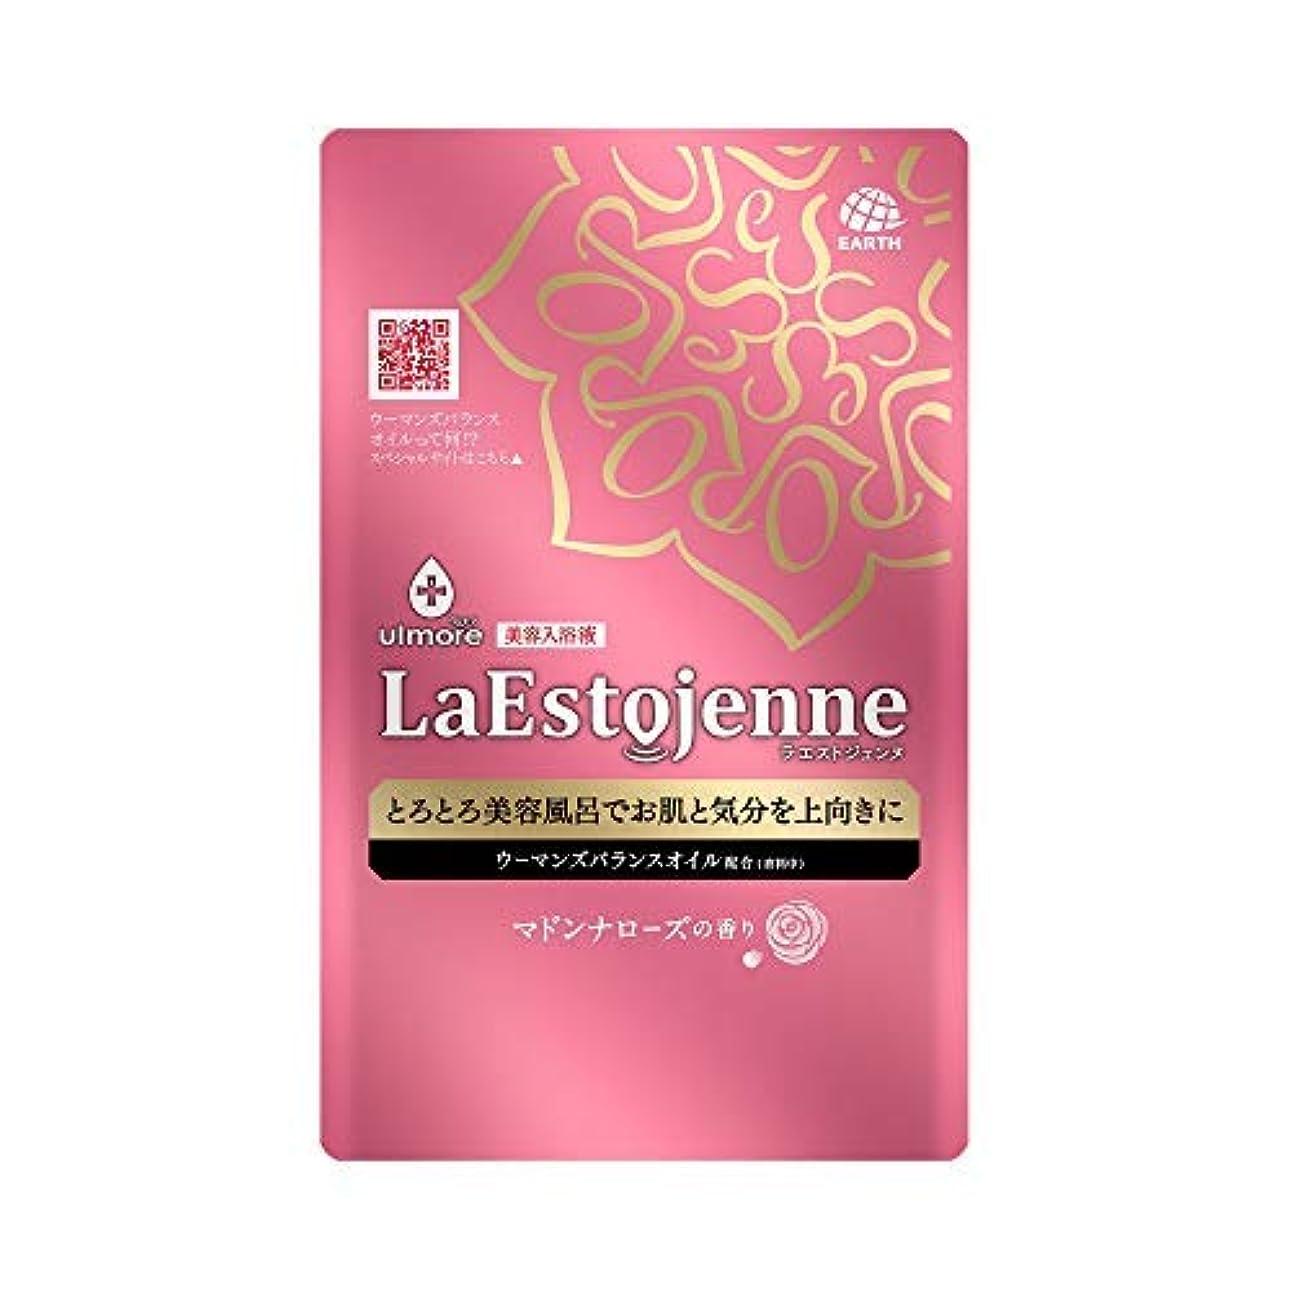 強打意味雹ウルモア ラエストジェンヌ マドンナローズの香り 1包 × 6個セット